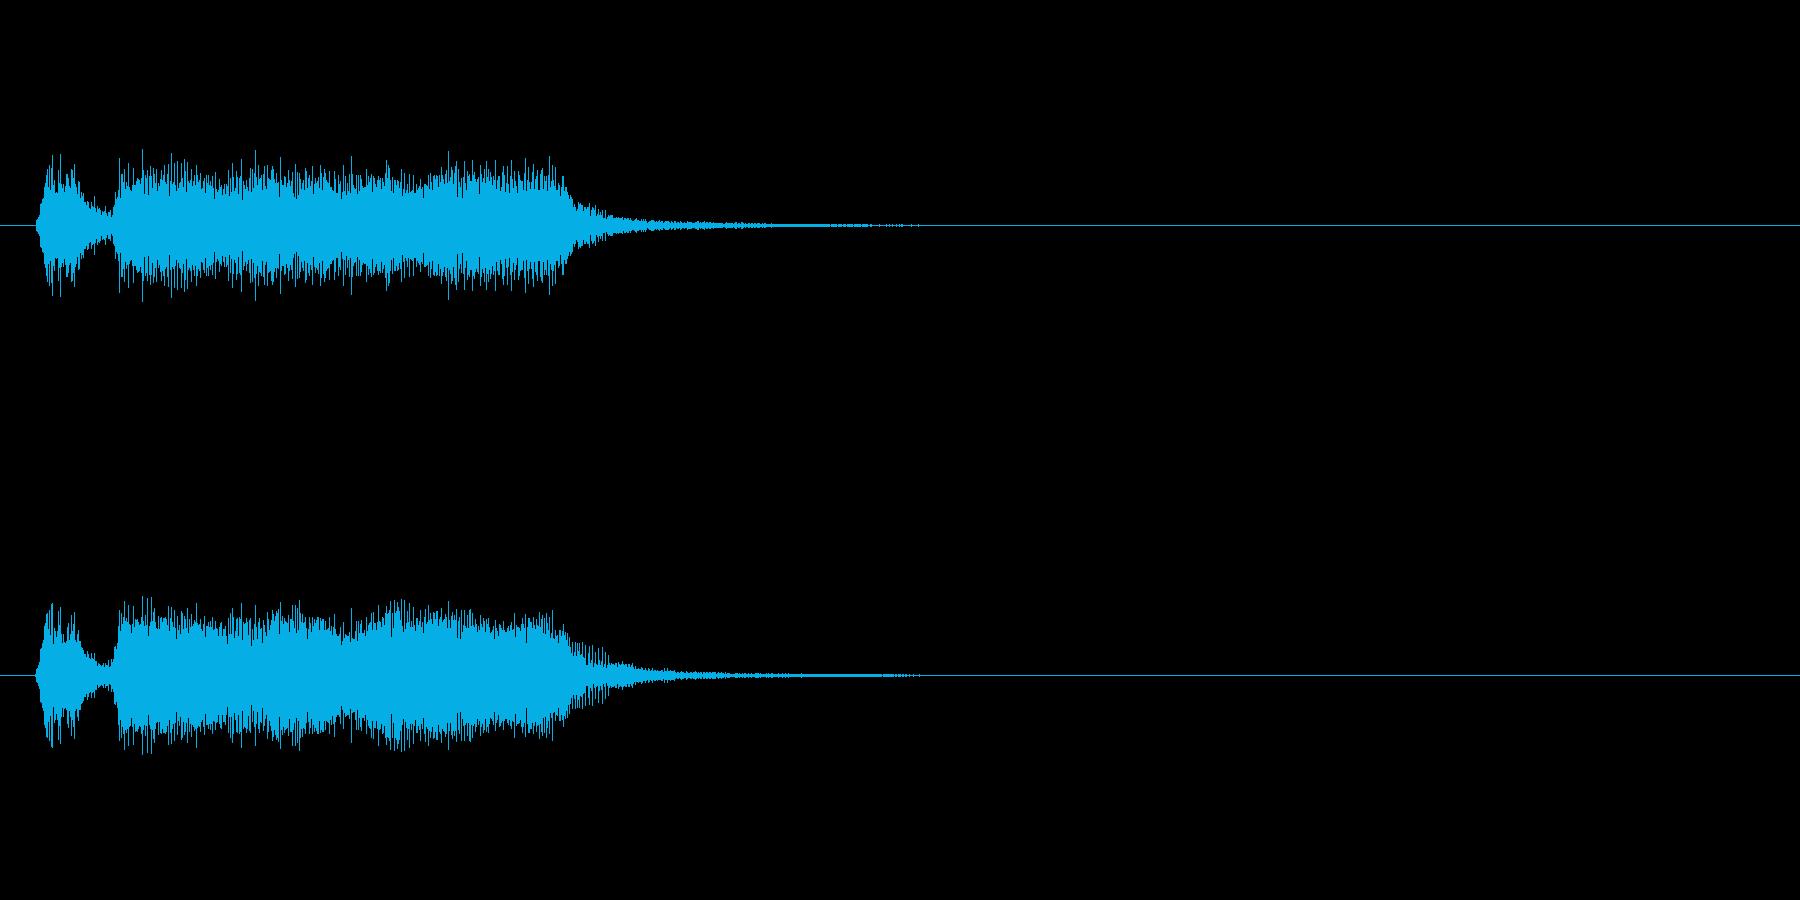 【フレーズ02-1】の再生済みの波形